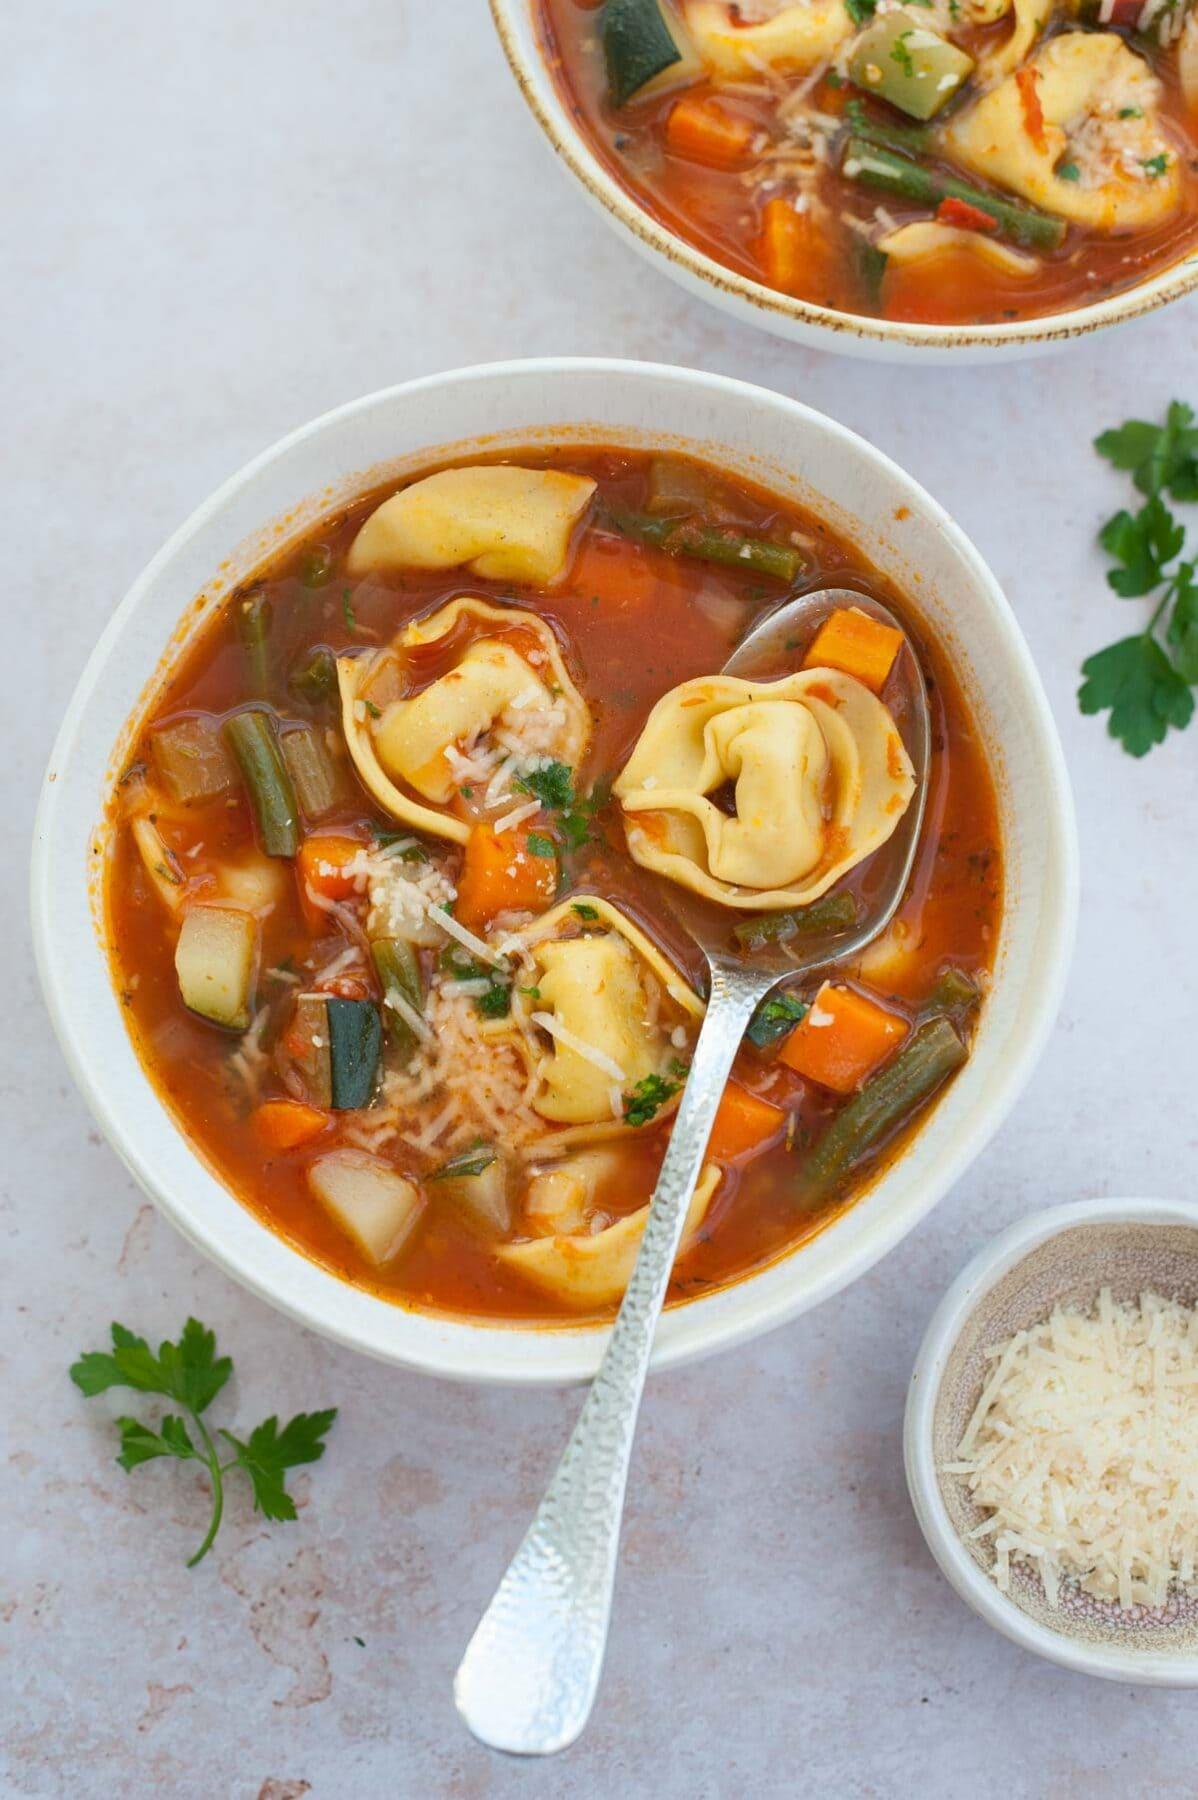 Dwie białe miski z zupą warzywną z tortellini.